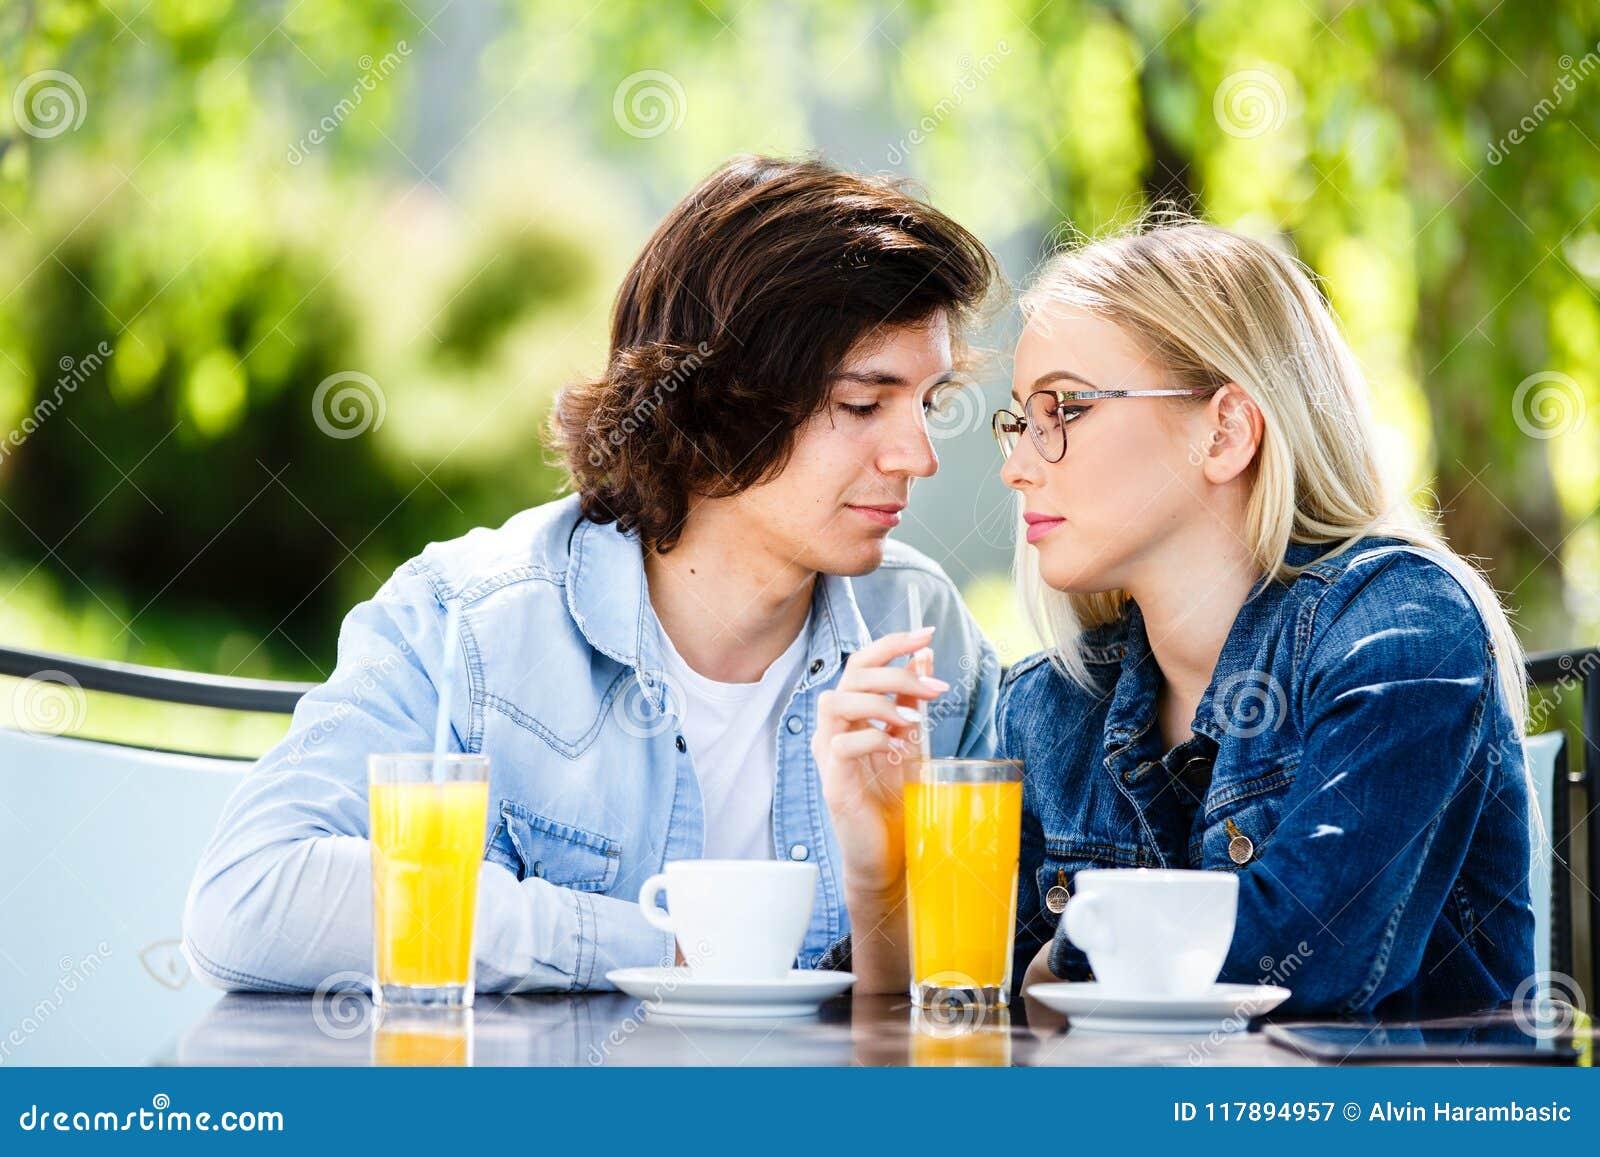 Junge romantische Paare, die zusammen Zeit verbringen - sitzend in Café ` s